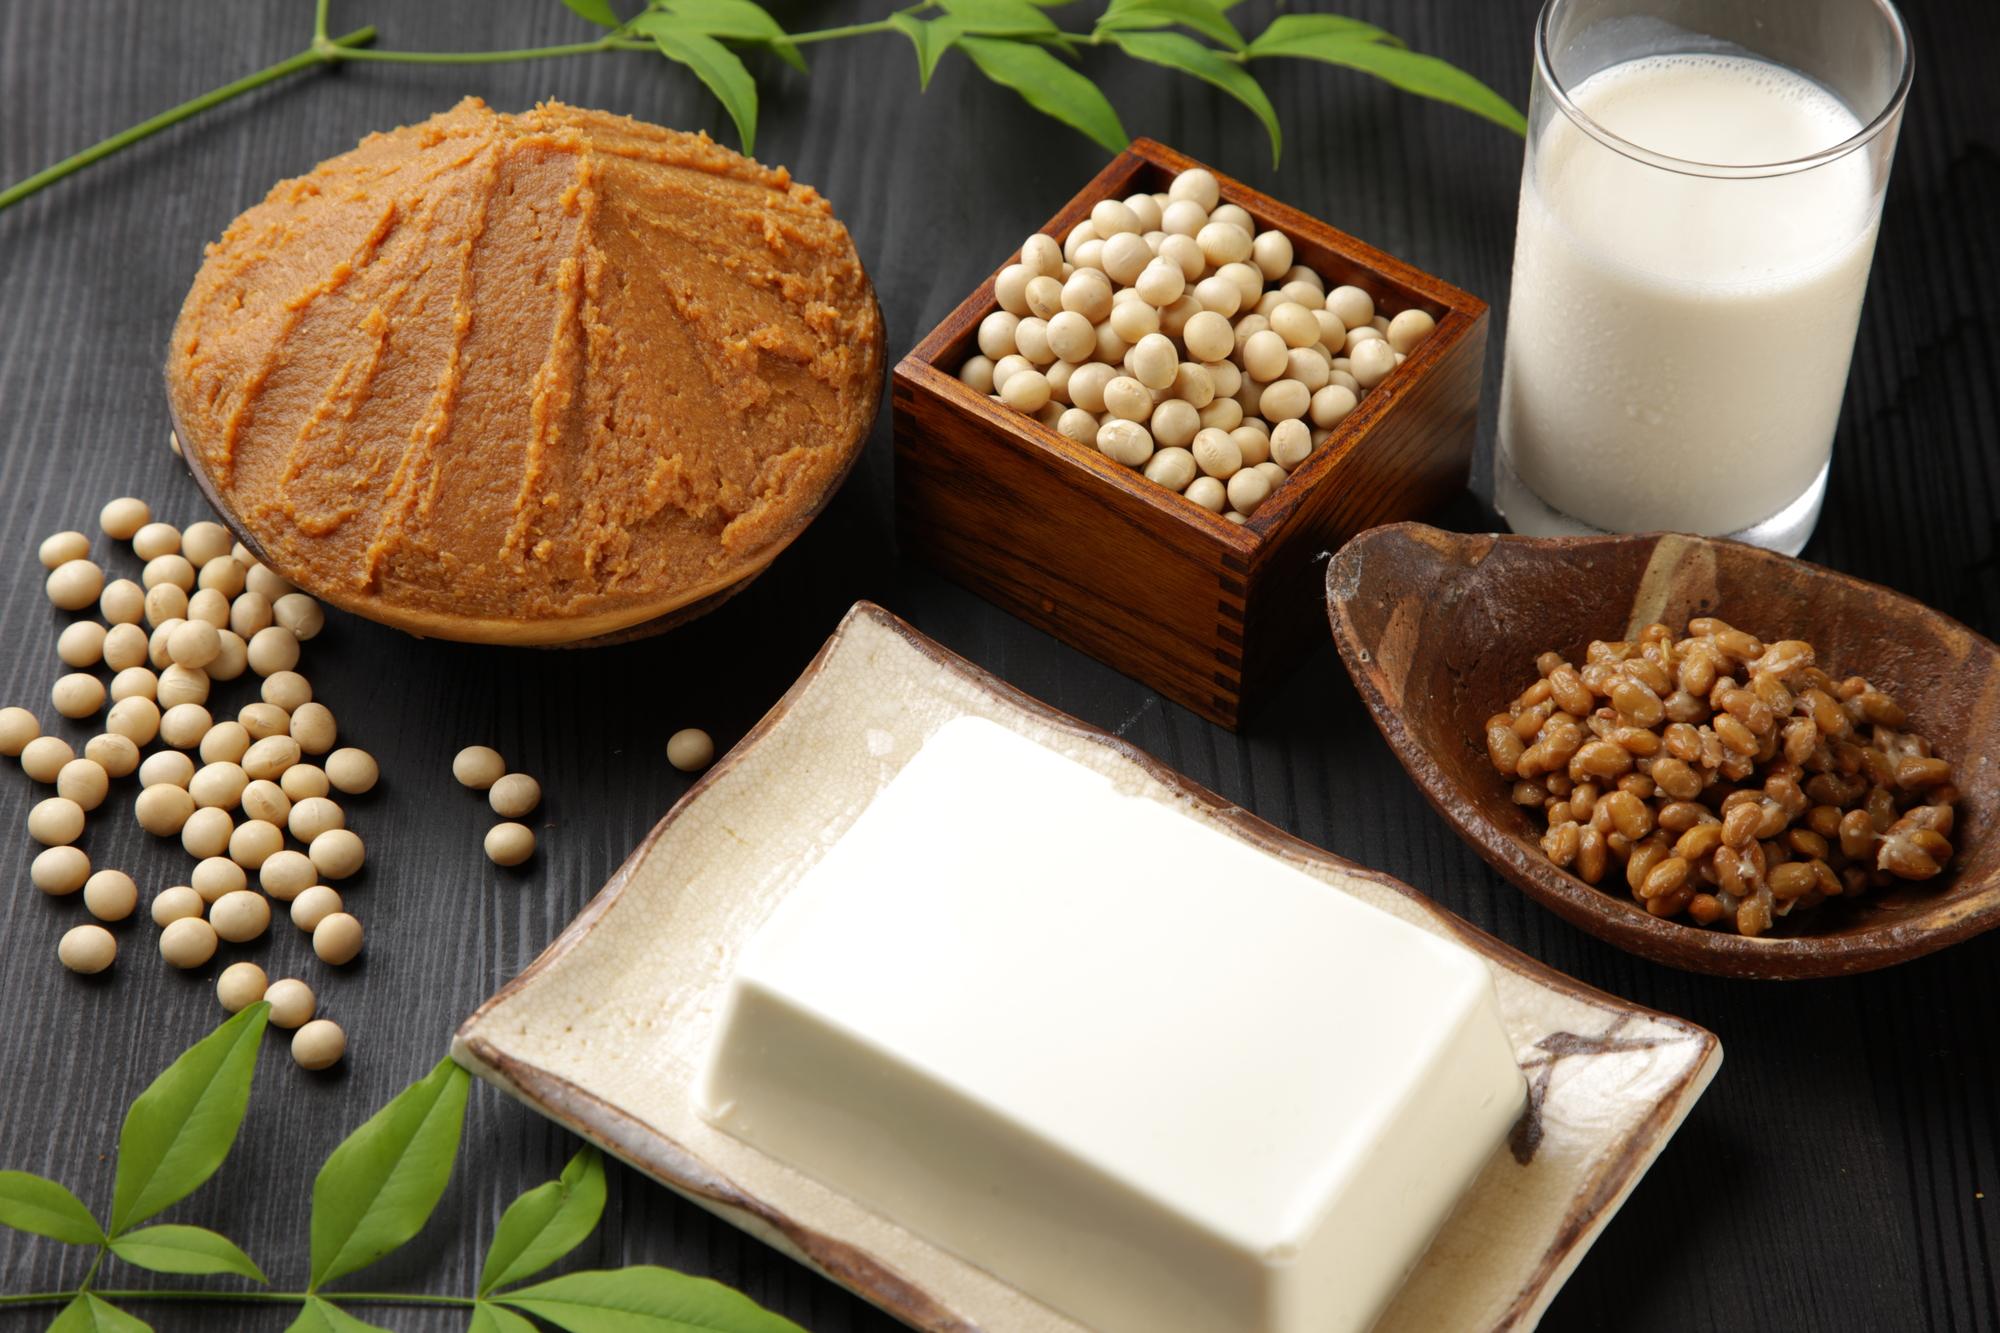 冷や汁は健康に欠かせないビタミンBやミネラルが豊富な健康料理